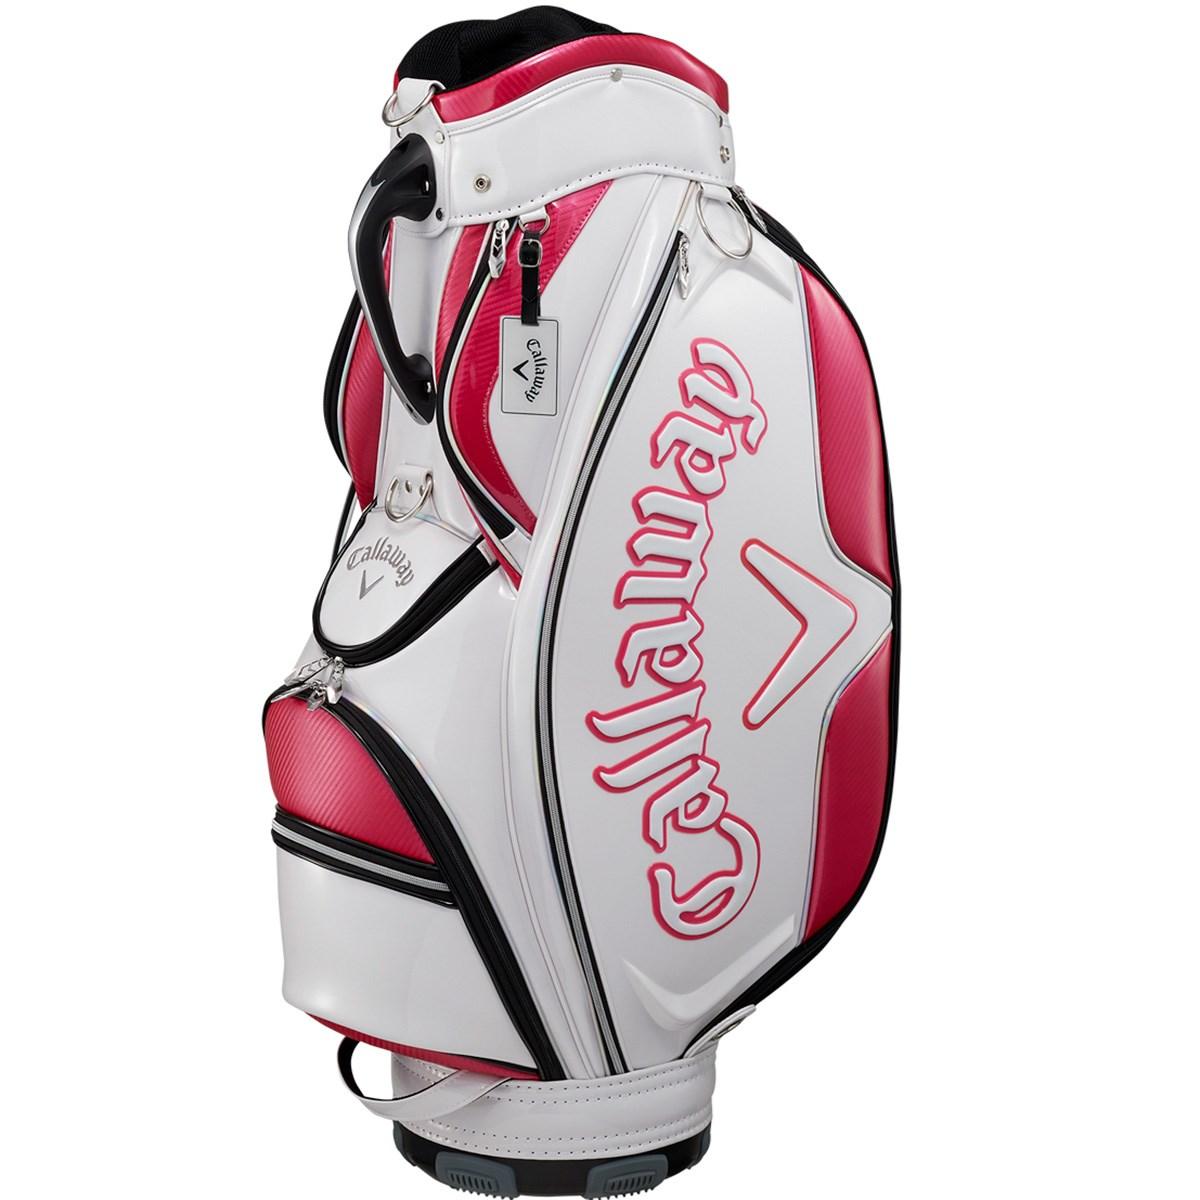 キャロウェイゴルフ(Callaway Golf) BG CT GLAZE JM キャディバッグ